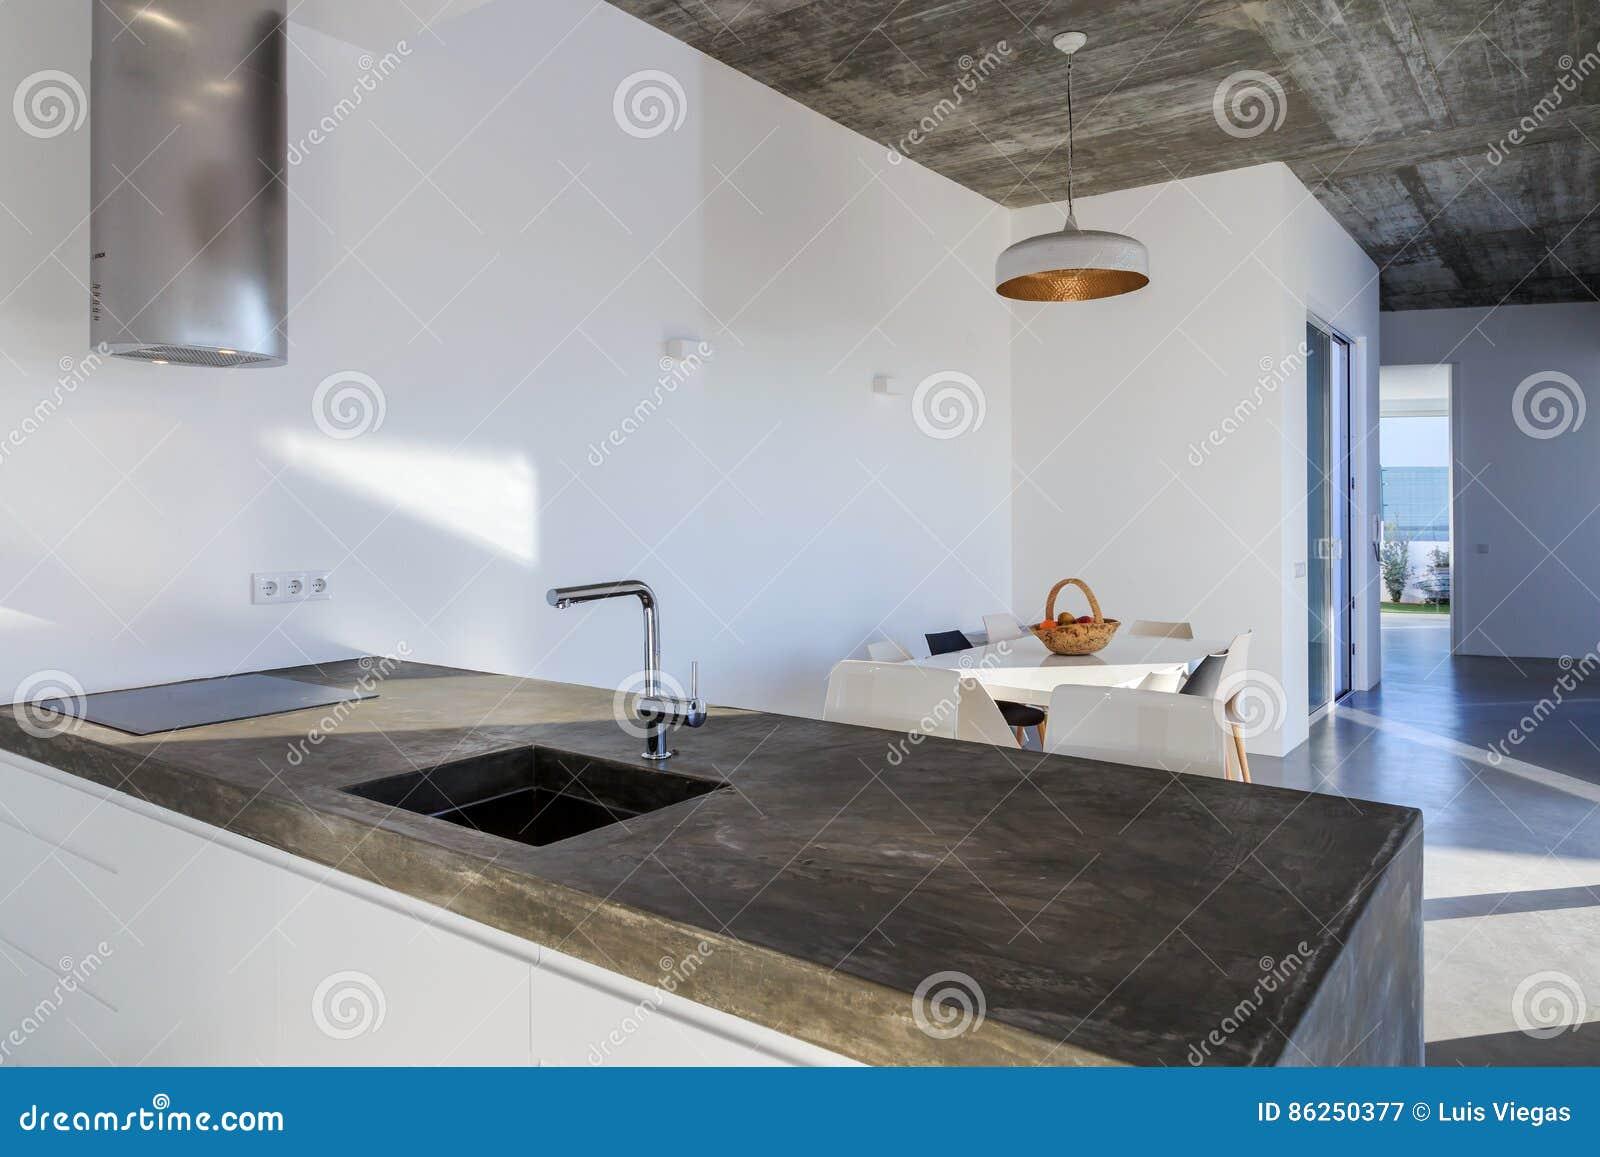 Moderne Küche Mit Grauem Fliesenboden Und Weißer Wand Stockbild ...